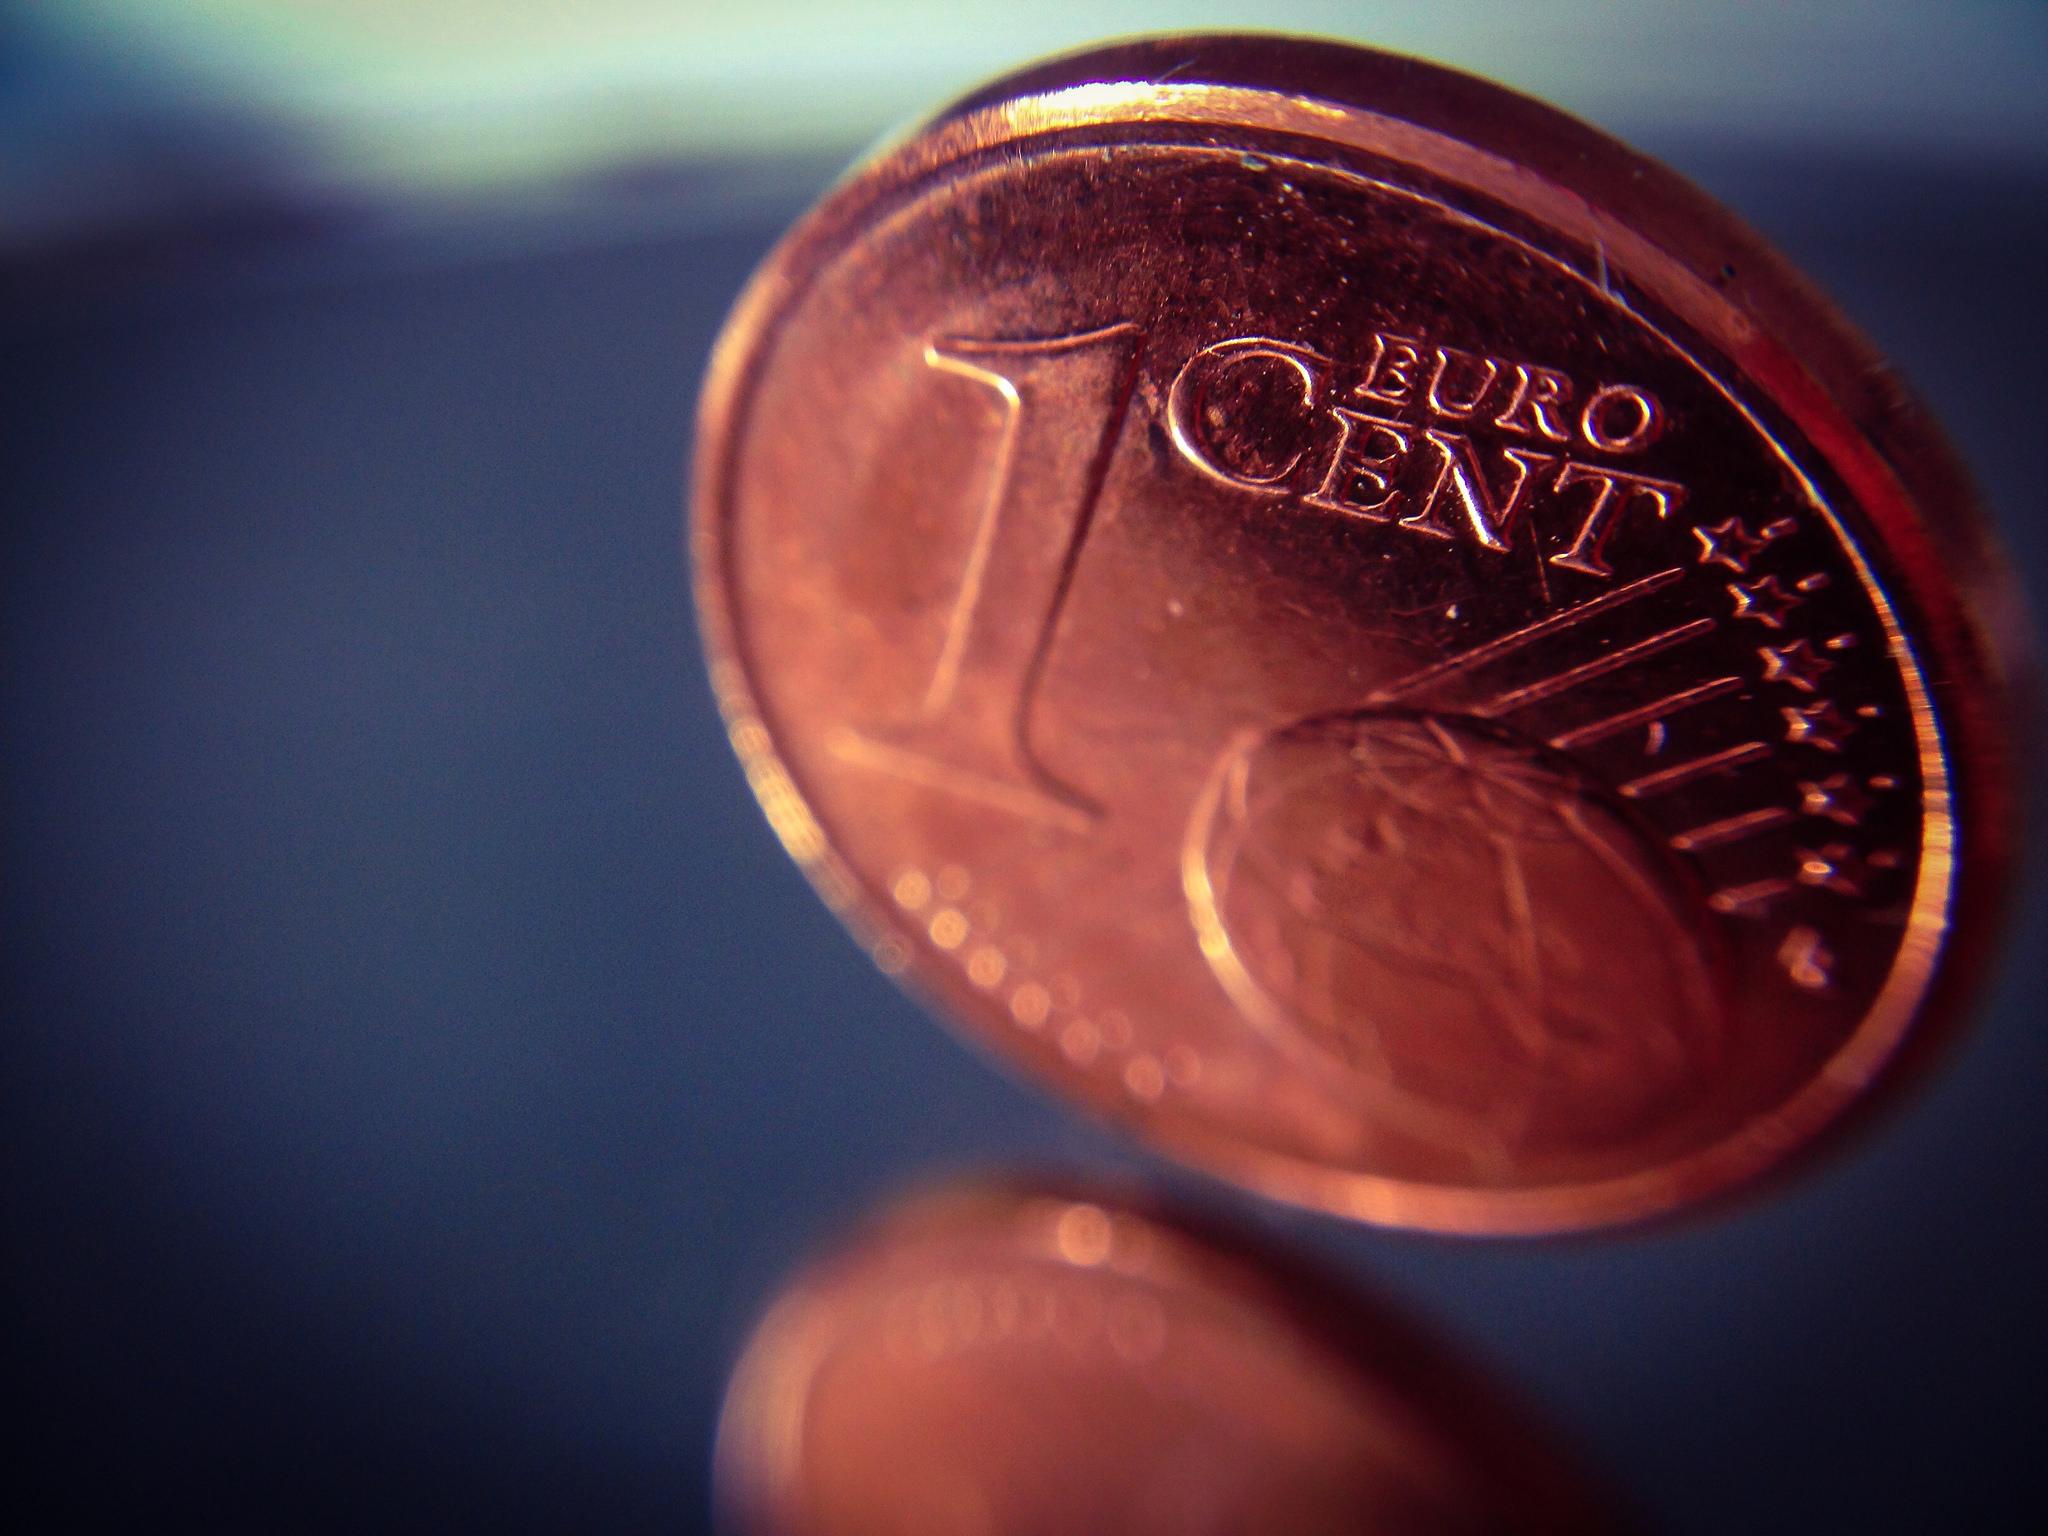 Besser kein Bargeld anfassen – man könnte sich ja verdächtig machen